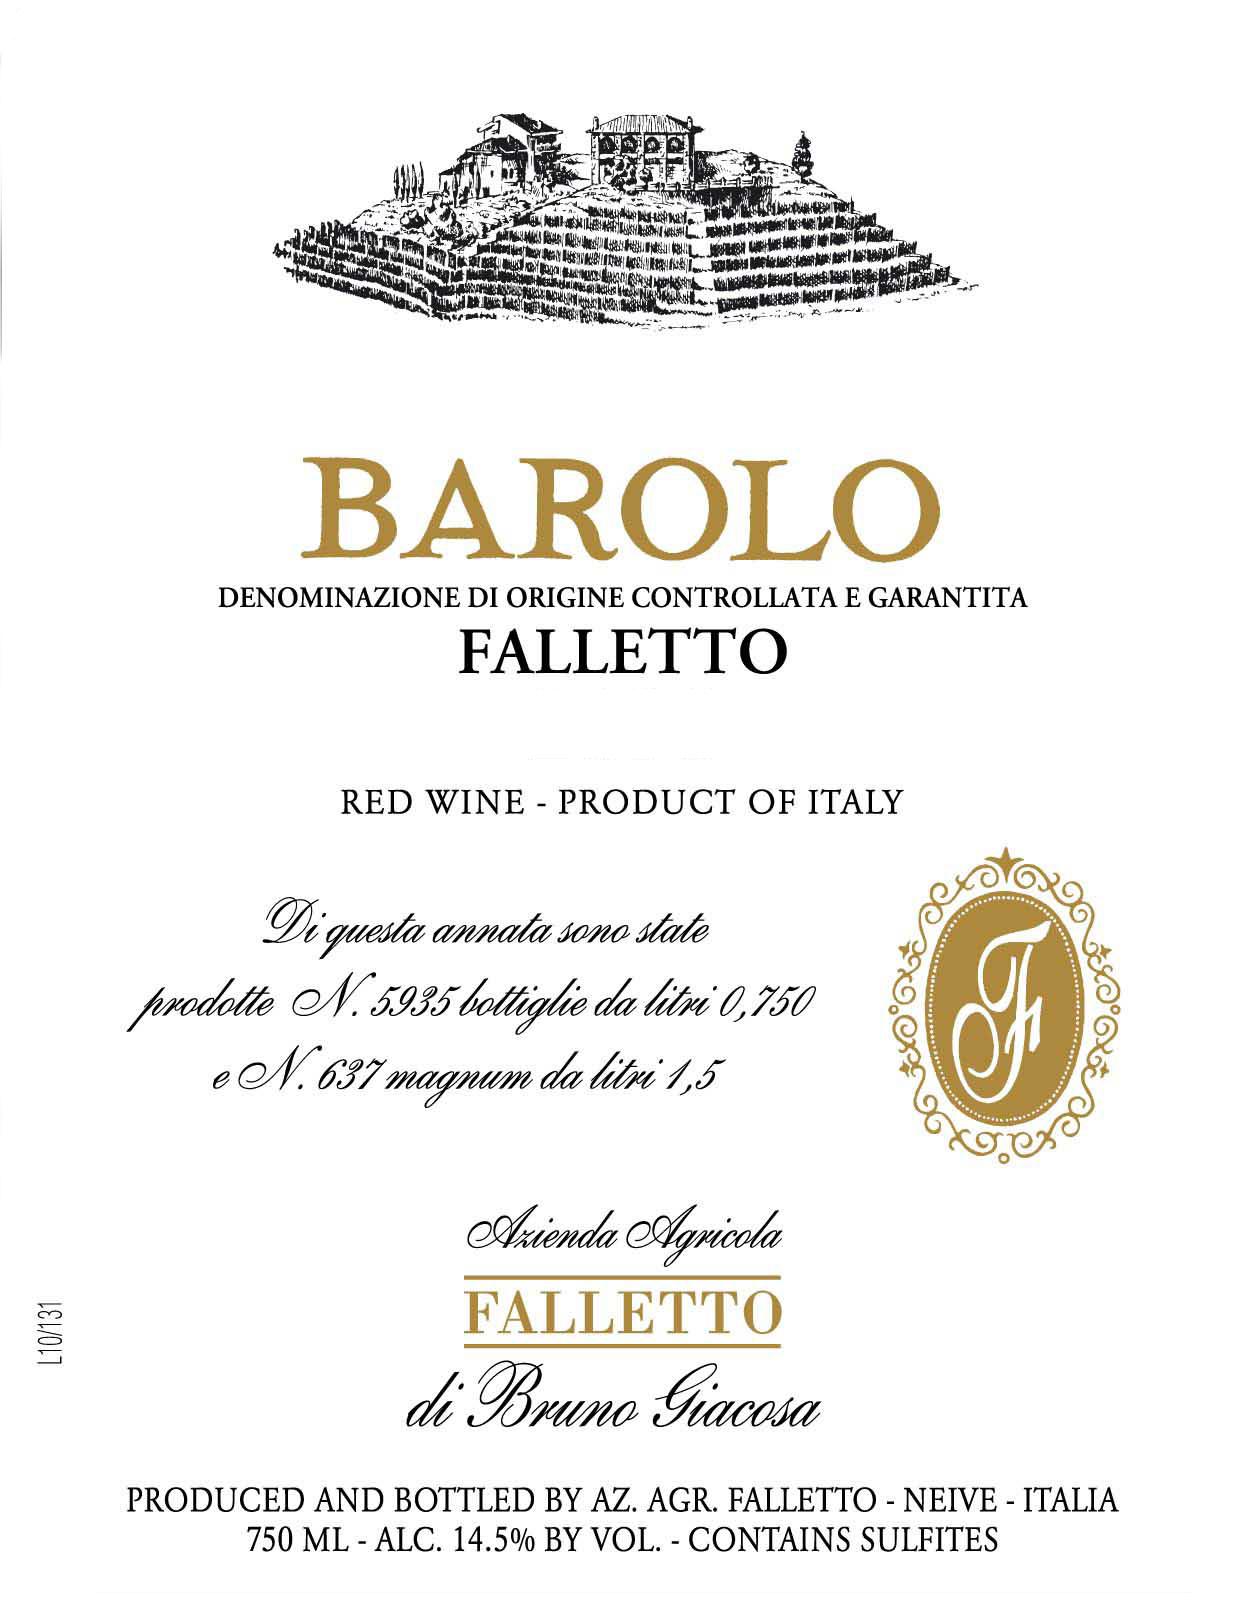 Bruno Giacosa - Barolo Falletto